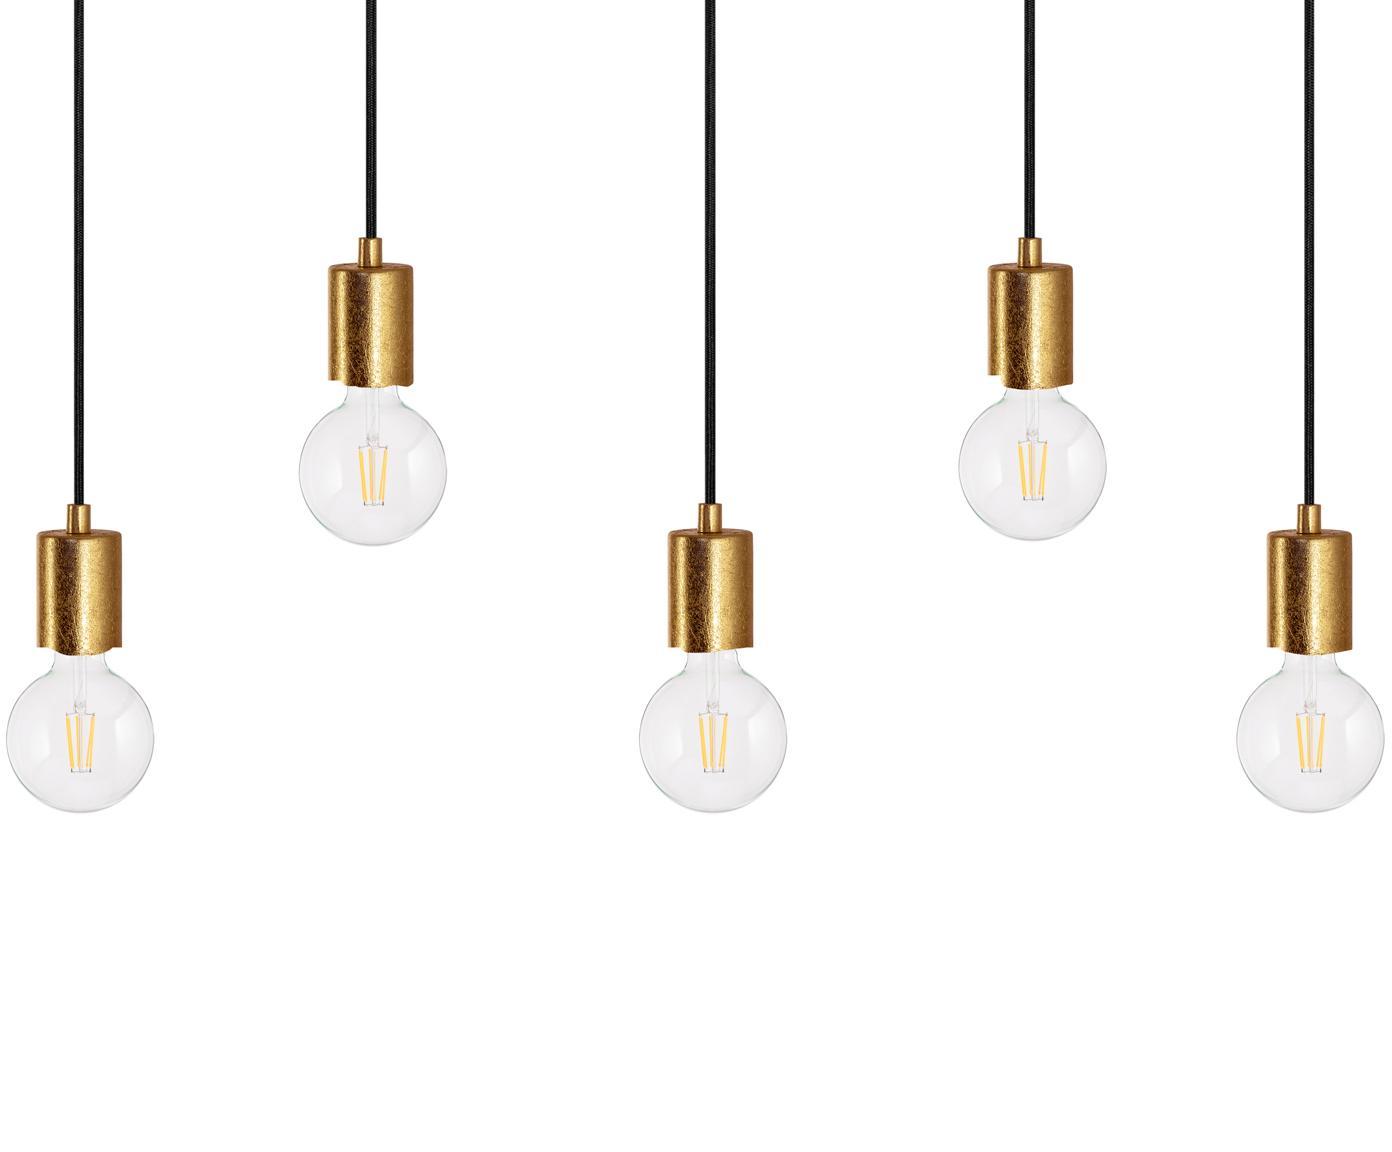 Lampada a sospensione Cero 5, Oro, nero, Ø 55 x Alt. 142 cm